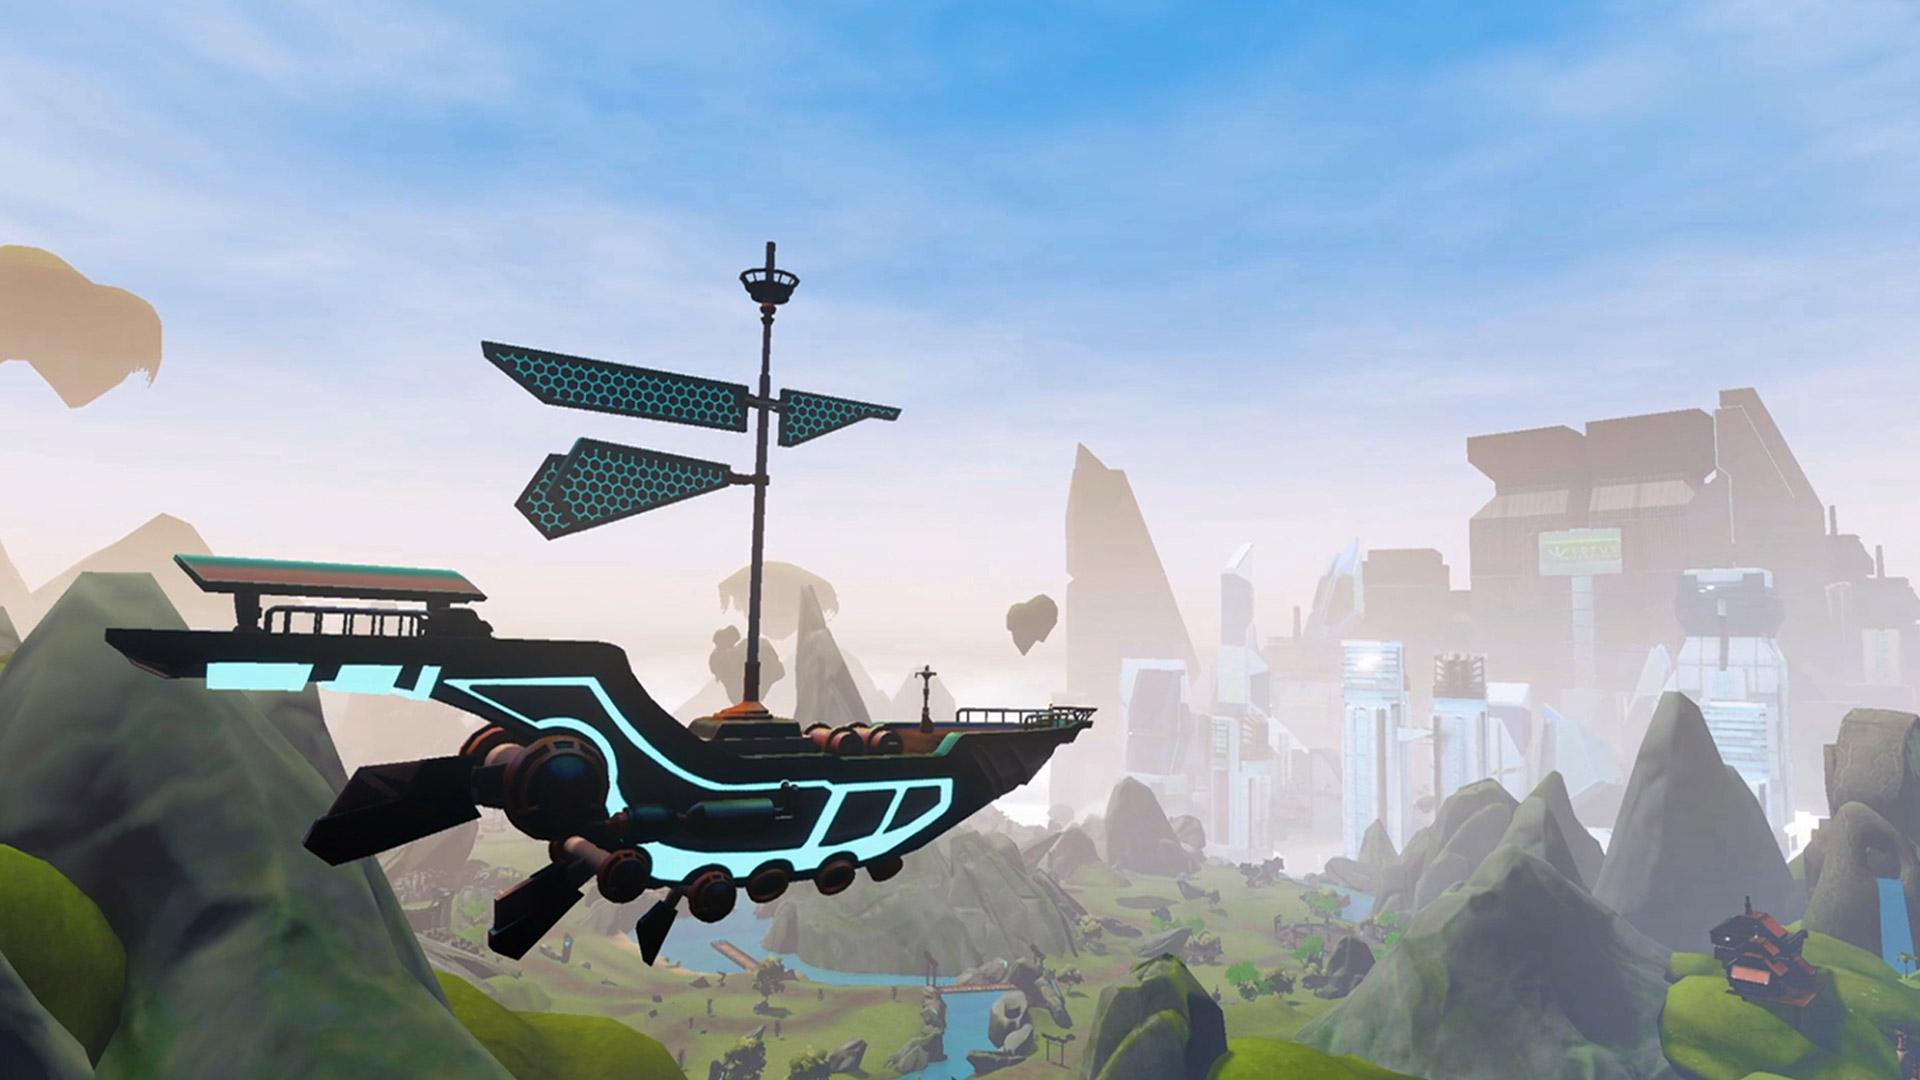 Ramen VR Raises $10M in Funding for VR MMO Zenith the Last City